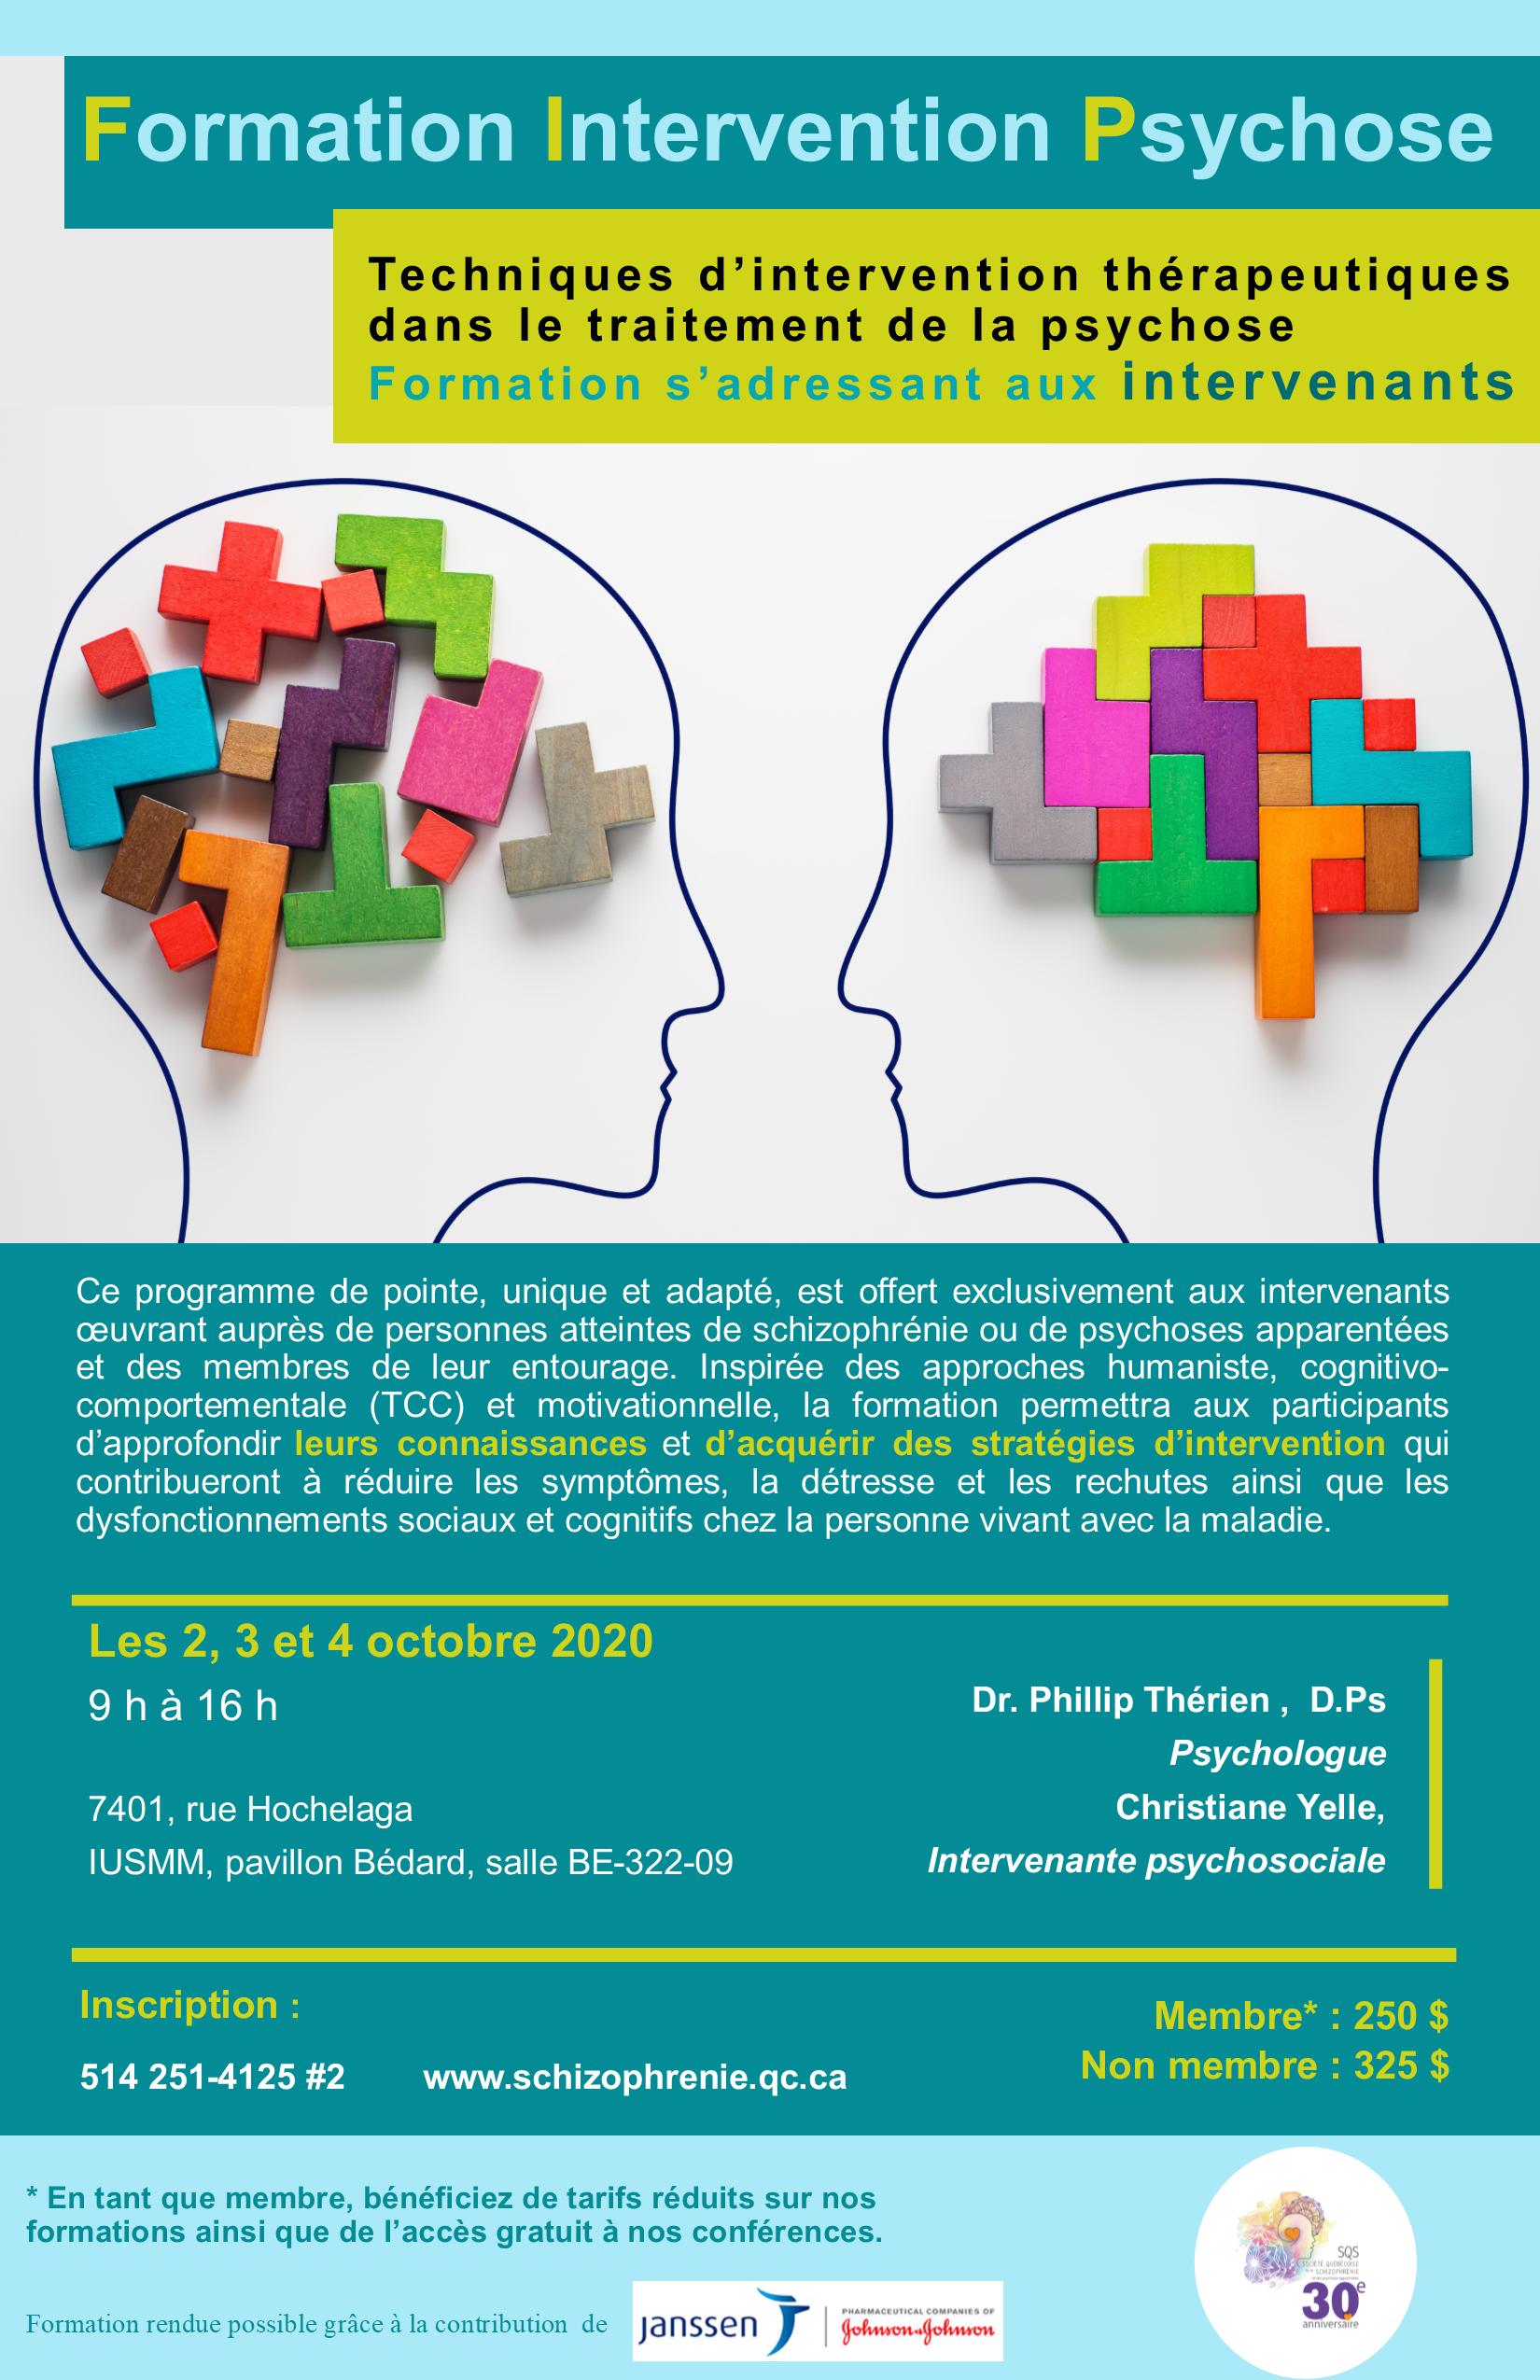 Formation Intervention Psychose  - Techniques d'intervention thérapeutiques dans le traitement de la psychose